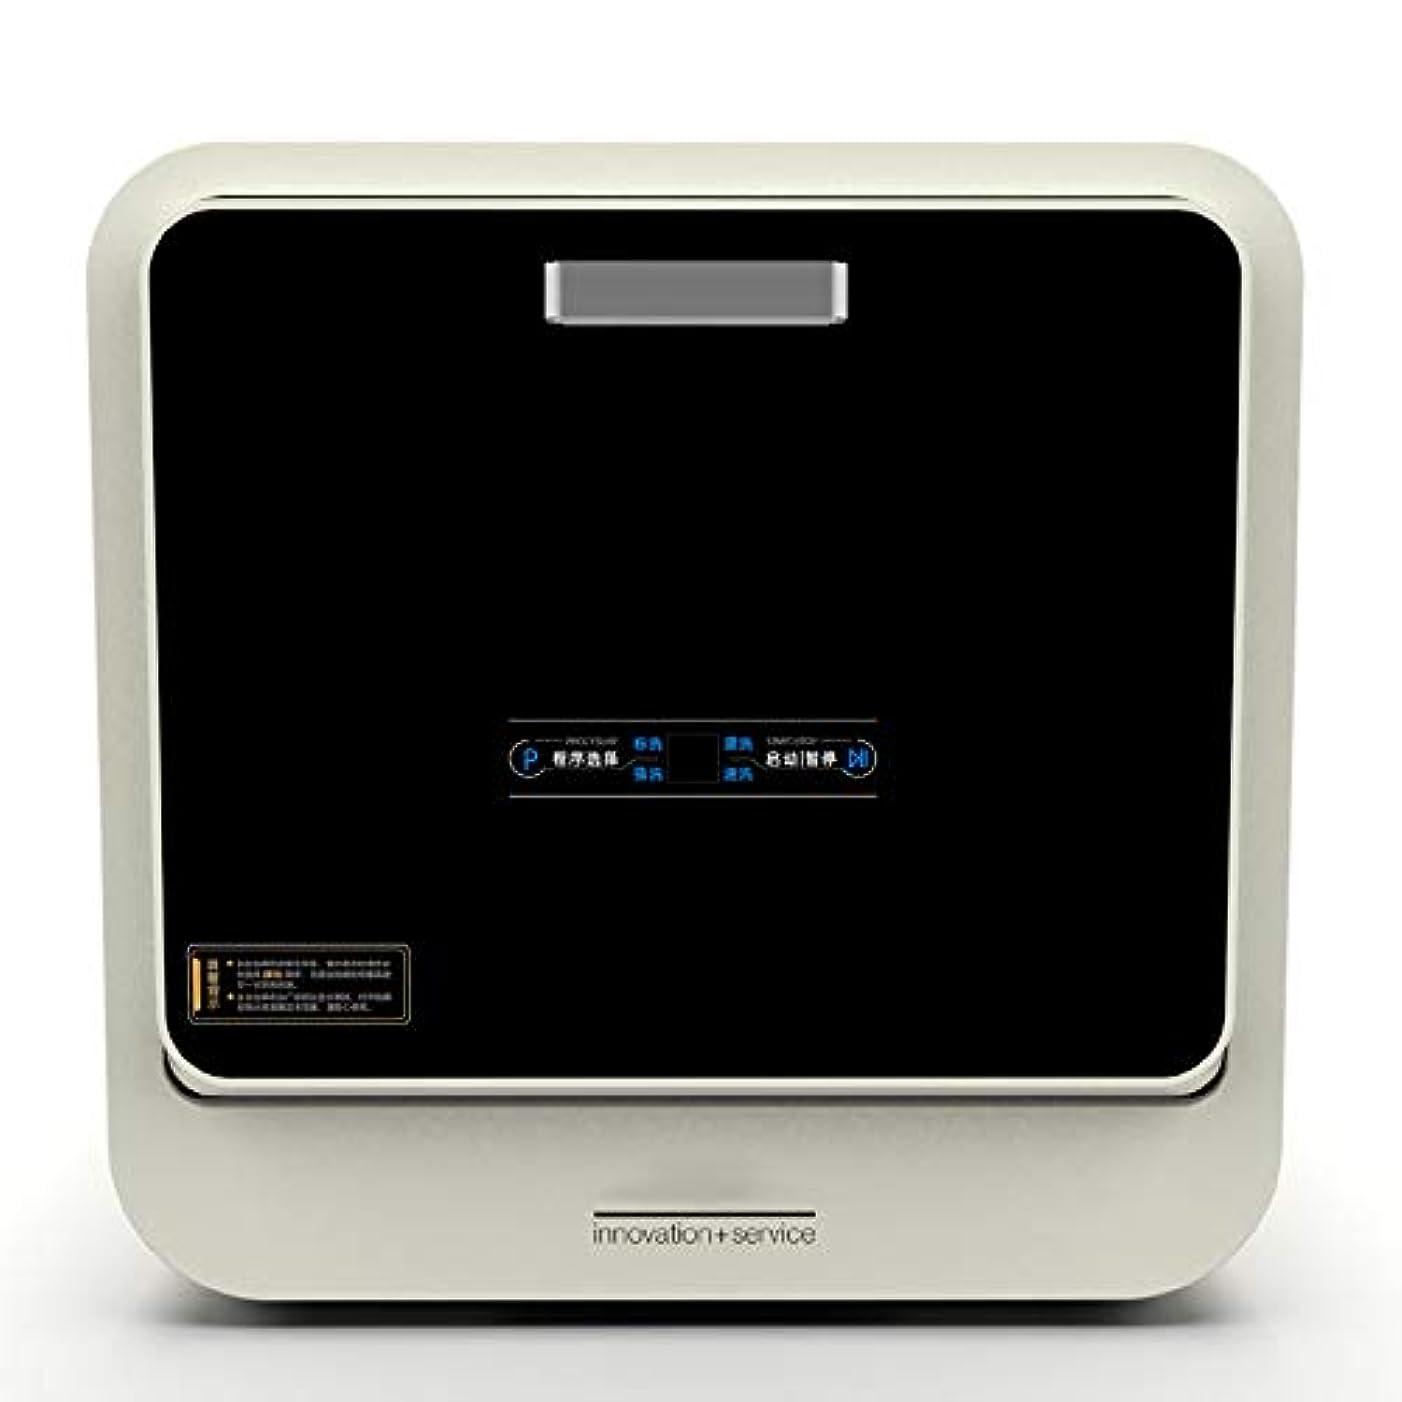 ライトニング支給農学ポータブルデスクトップ食器洗い機、自動スマートミニデスクトップ消毒および食器洗い家庭用キッチンのインストールなし